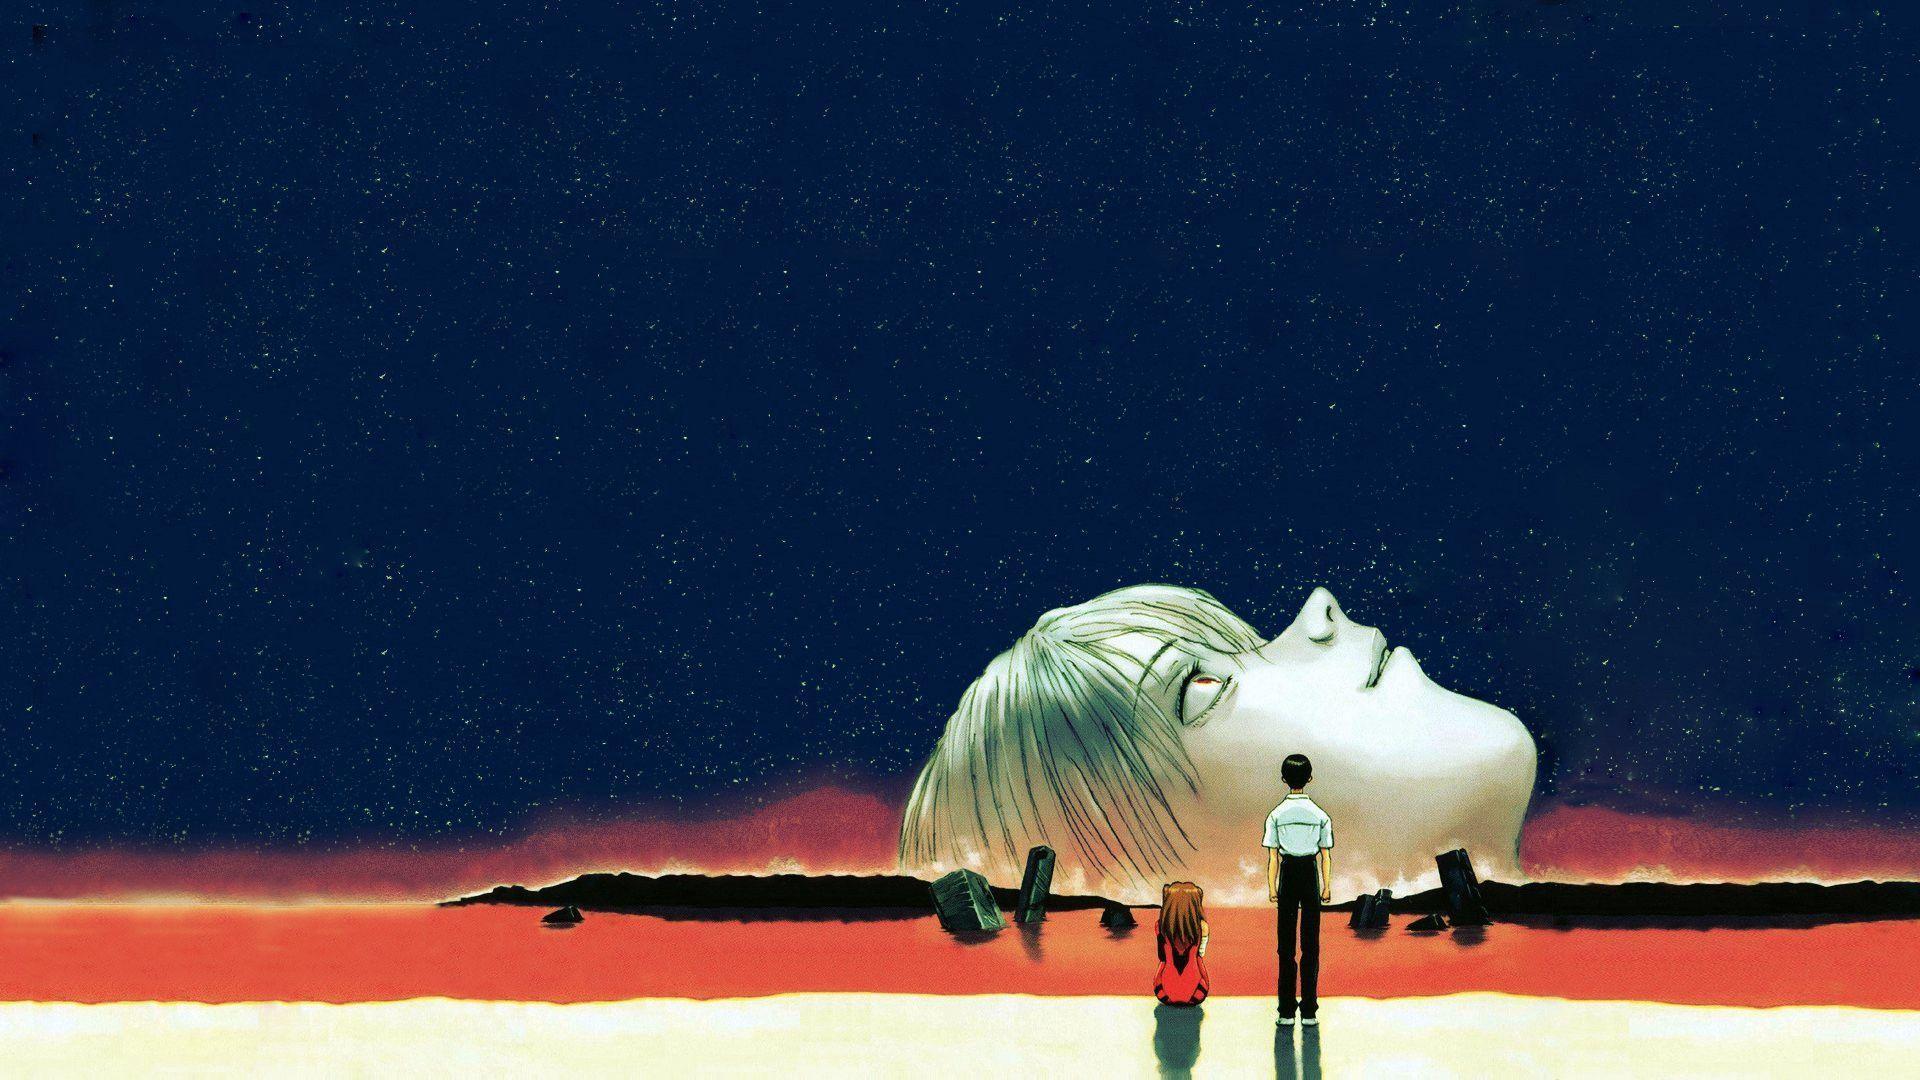 Neon Genesis Evangelion Wallpapers - Top Free Neon Genesis ...